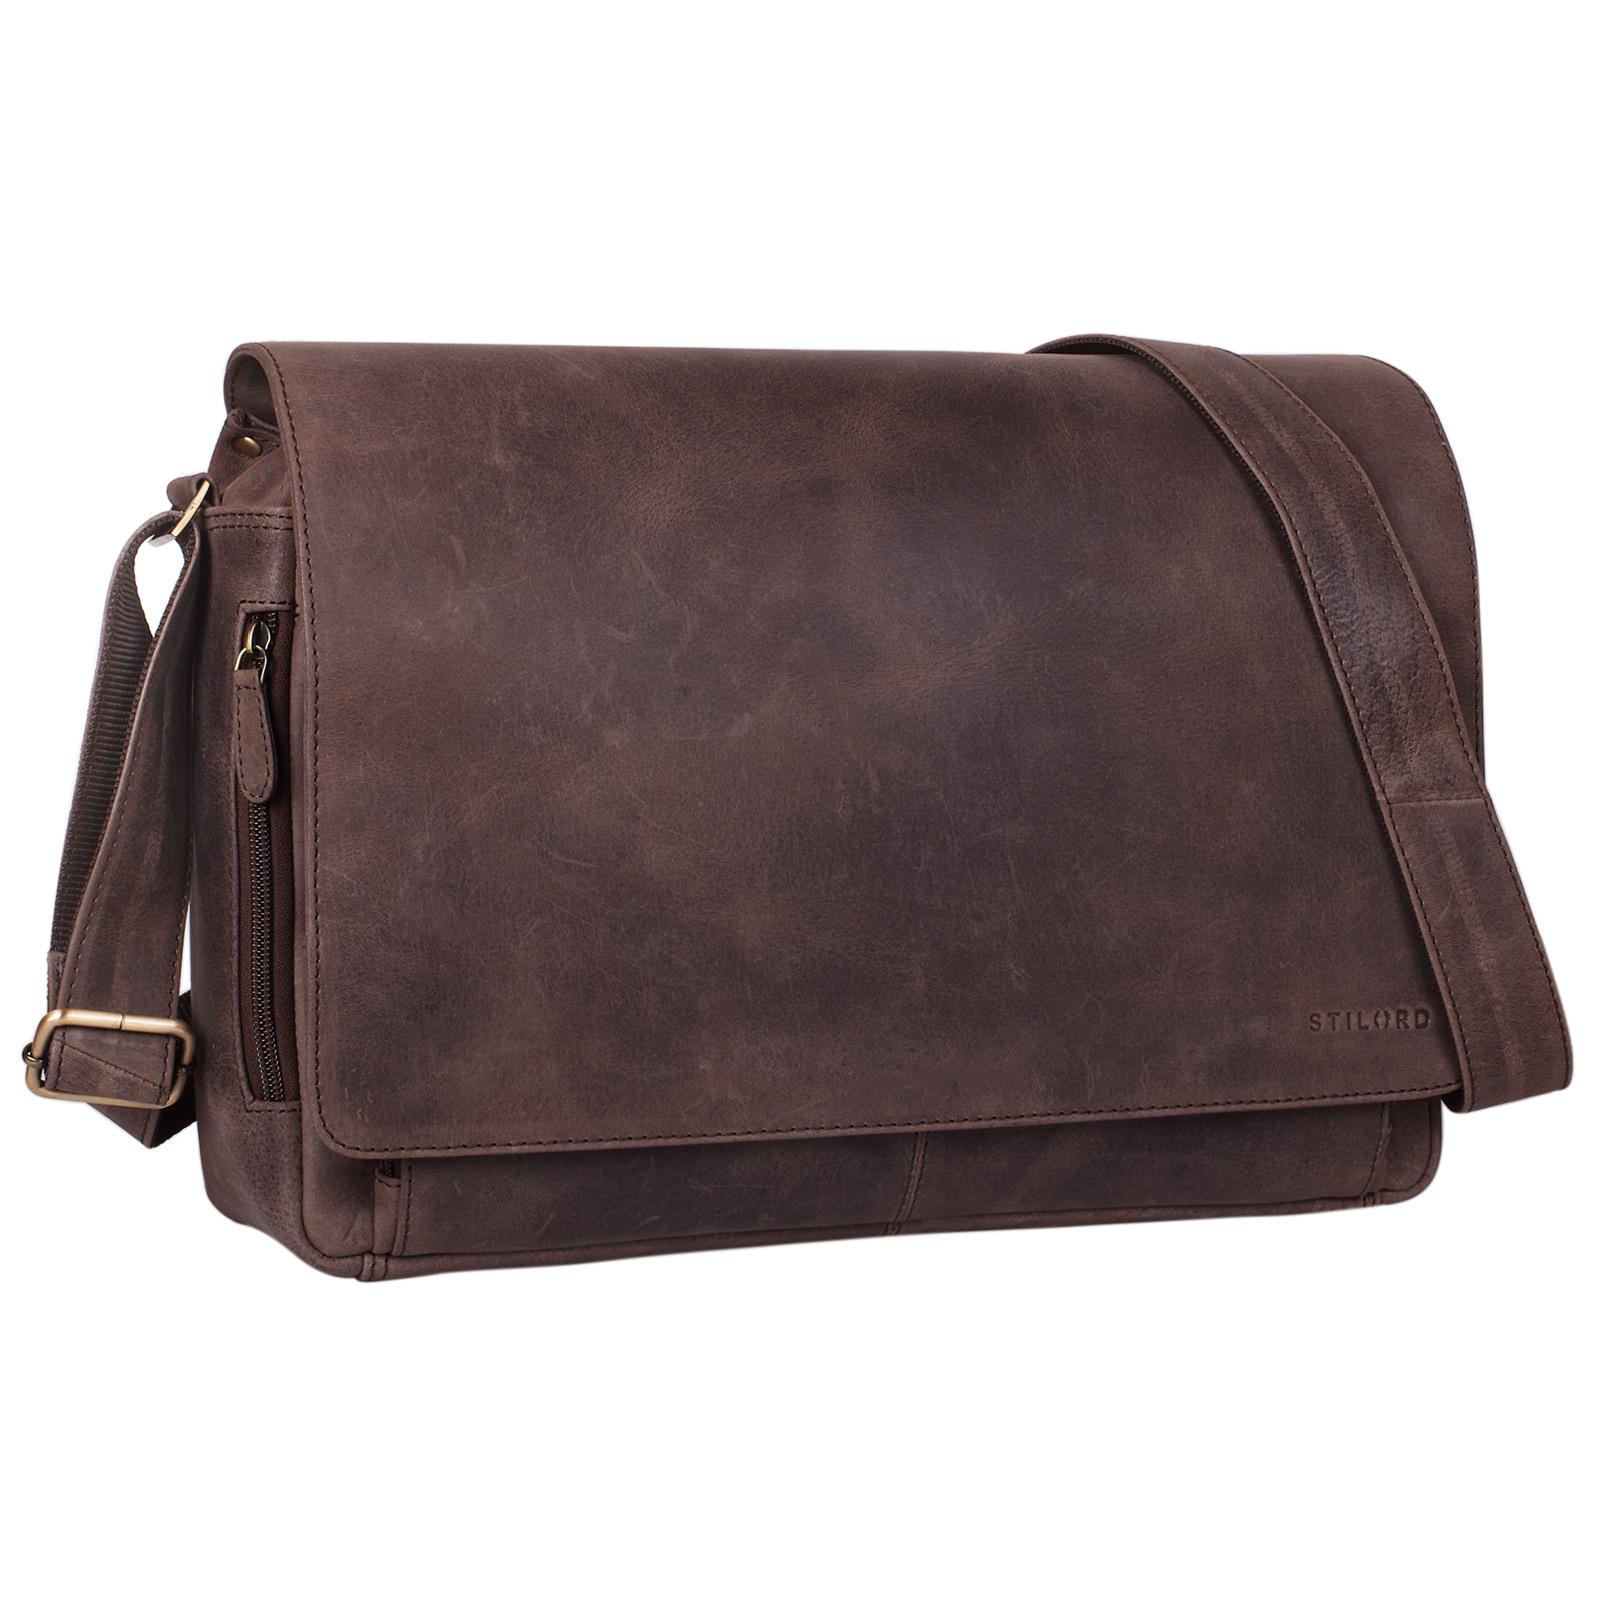 """STILORD """"Tom"""" Vintage Leder Umhängetasche für Studium Uni Büro Arbeit 15 Zoll Laptoptasche DIN A4 Schultertasche Echtleder - Bild 8"""